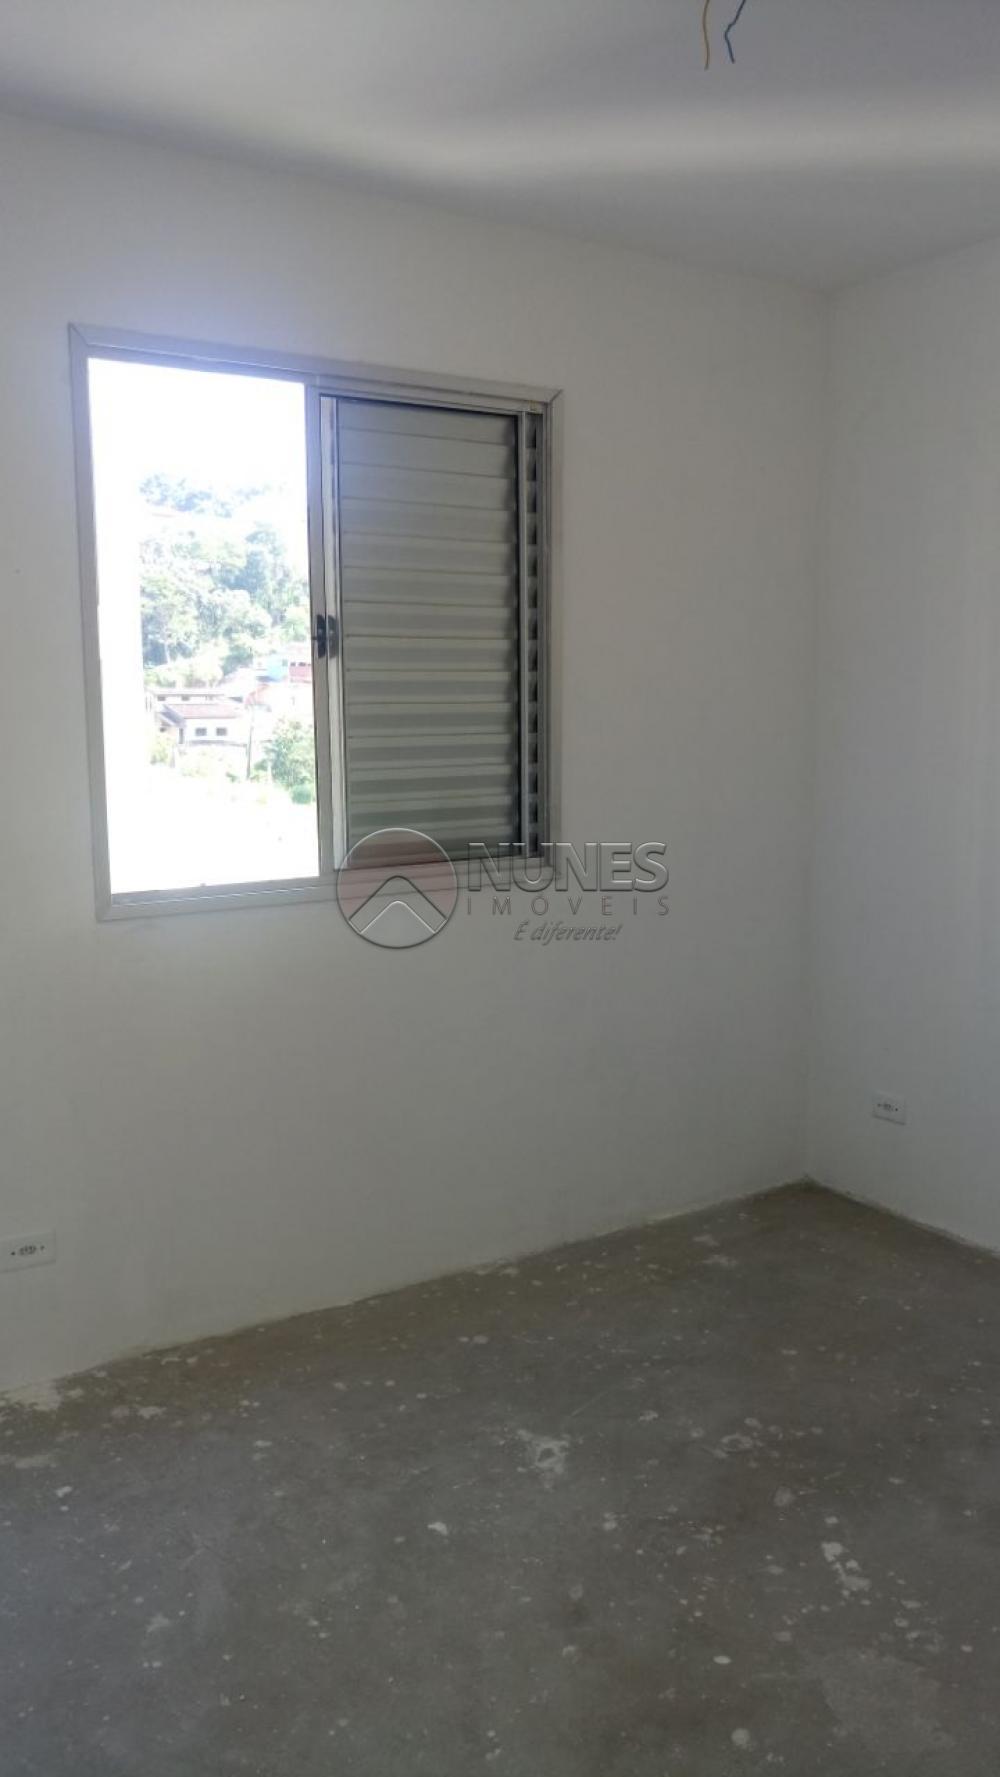 Comprar Apartamento / Padrão em Cotia apenas R$ 190.000,00 - Foto 12